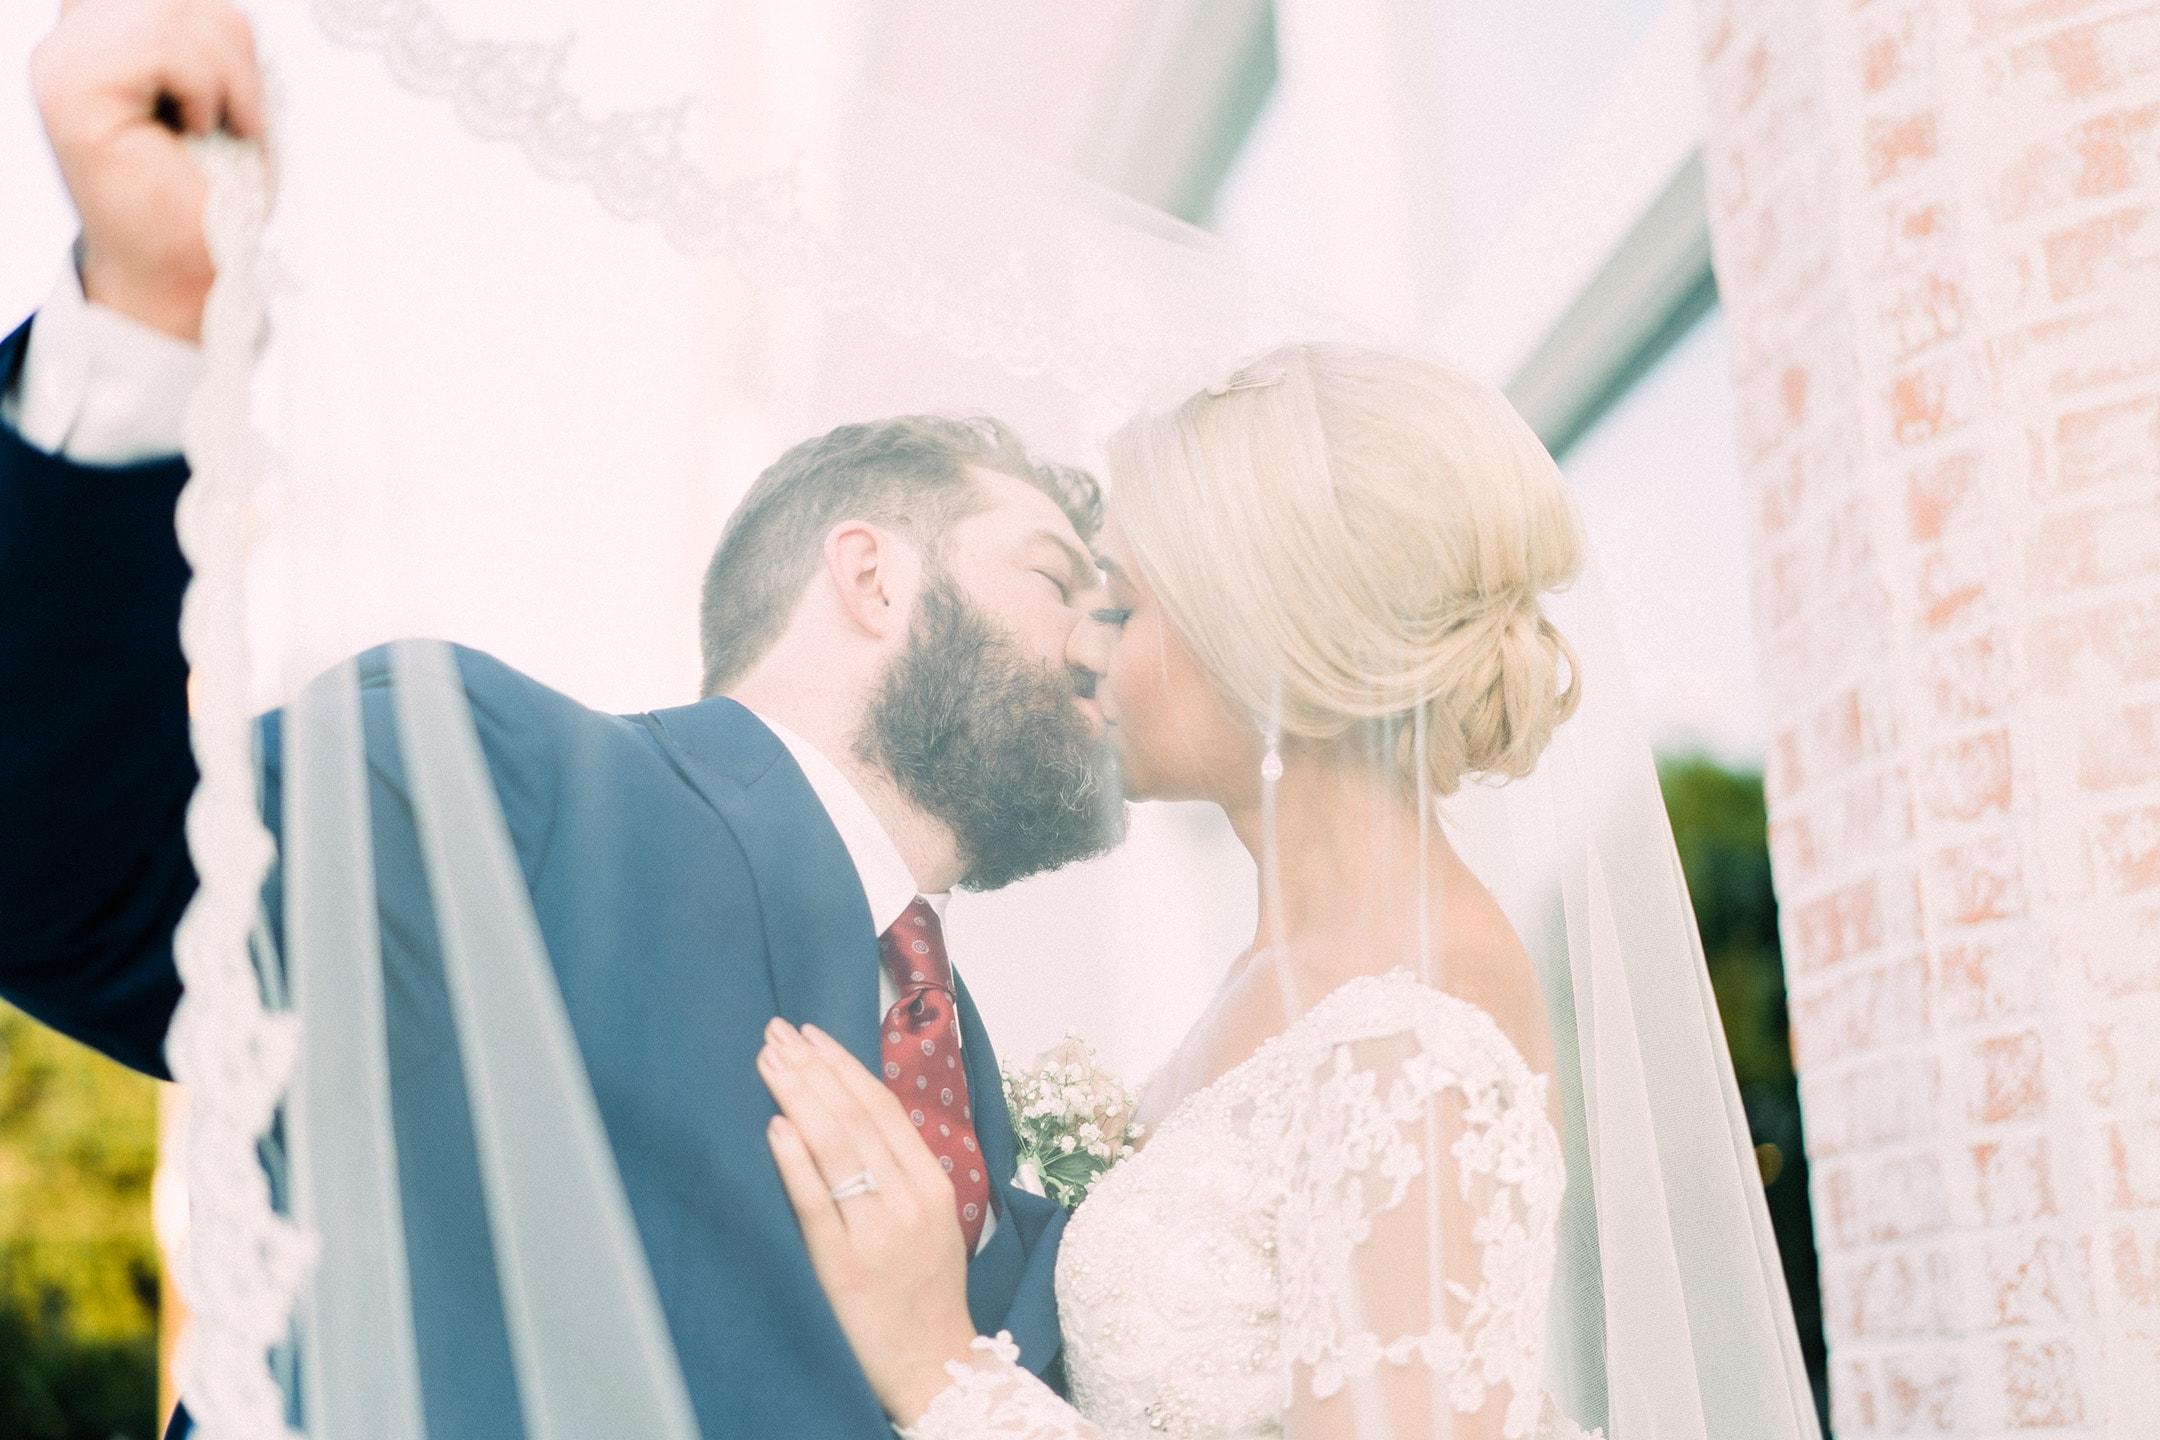 Couple kissed under bride's veil